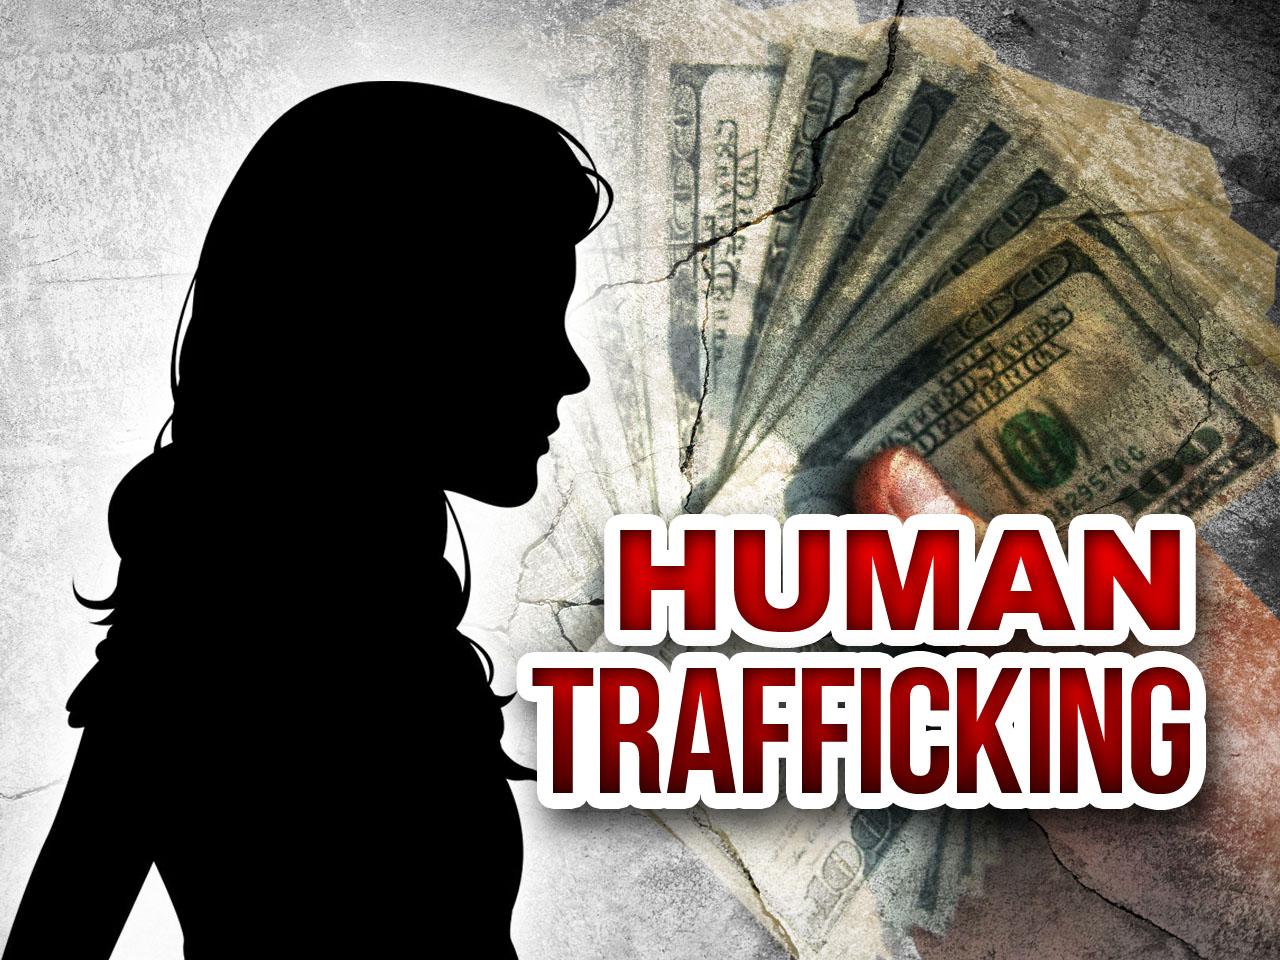 human trafficking 2_1508453142316.png